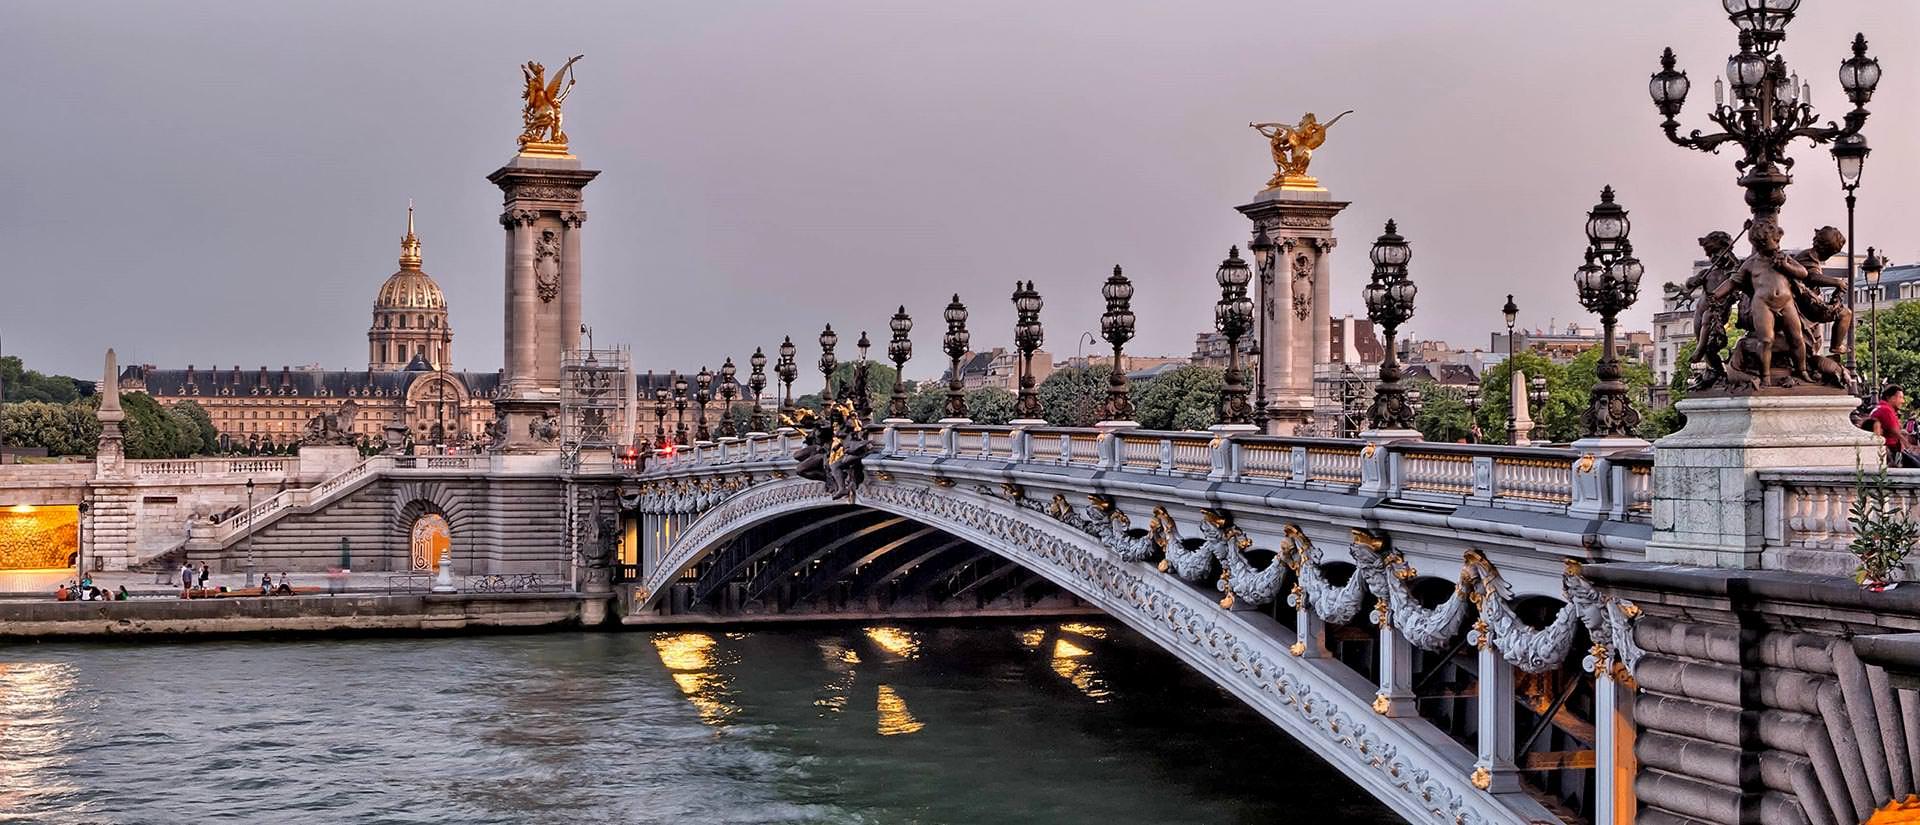 סמינר מטייל בפריז - 6 ימים - פריז הסמויה מן העין